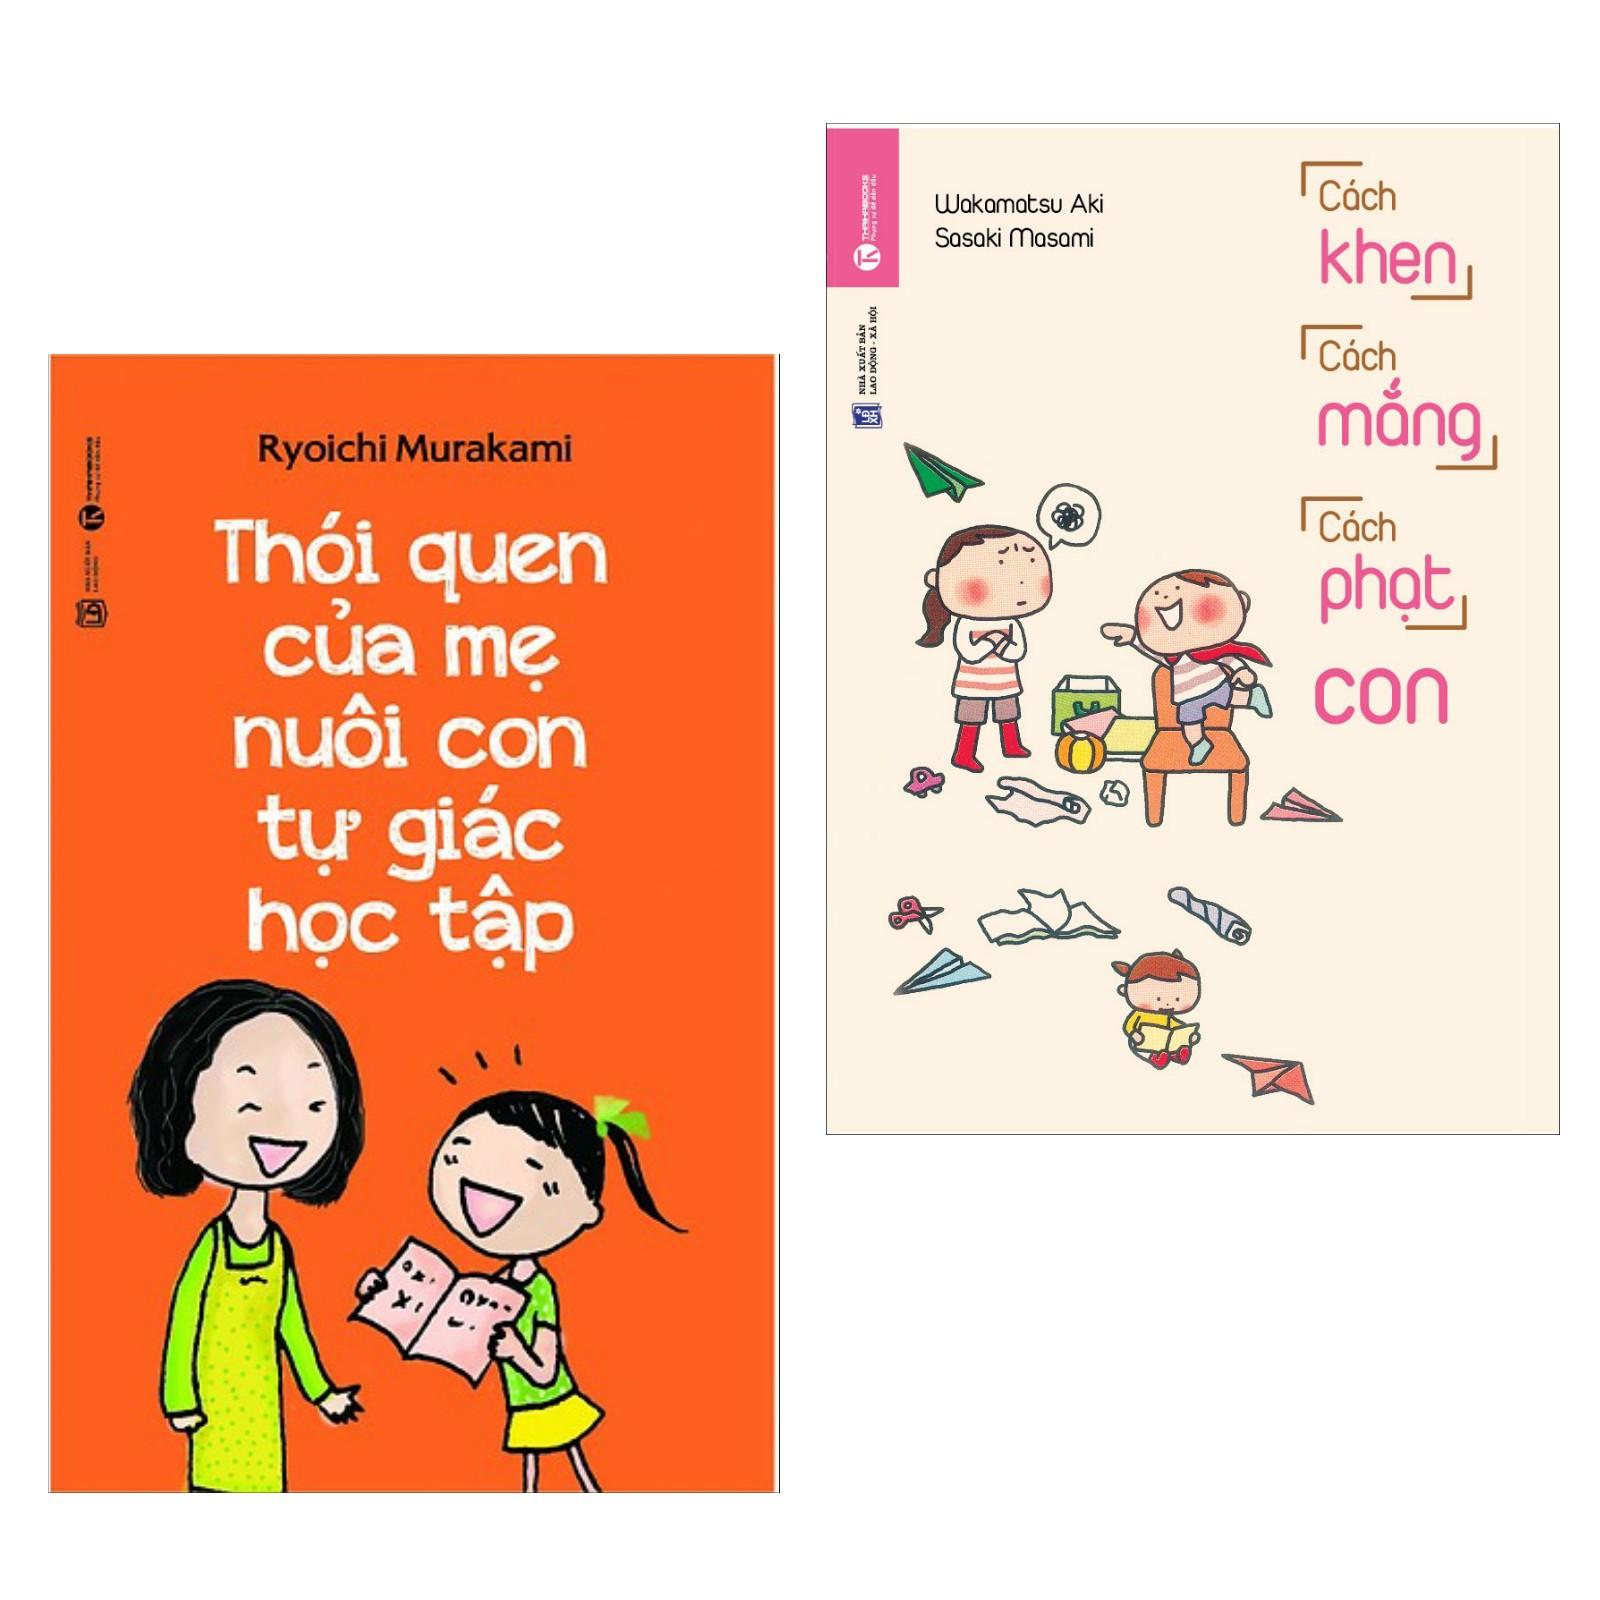 Combo Sách Nuôi Dạy Con: Thói Quen Của Mẹ Nuôi Con Tự Giác Học Tập + Cách Khen, Cách Mắng, Cách Phạt Con (Tặng Kèm Bookmark Green Life )